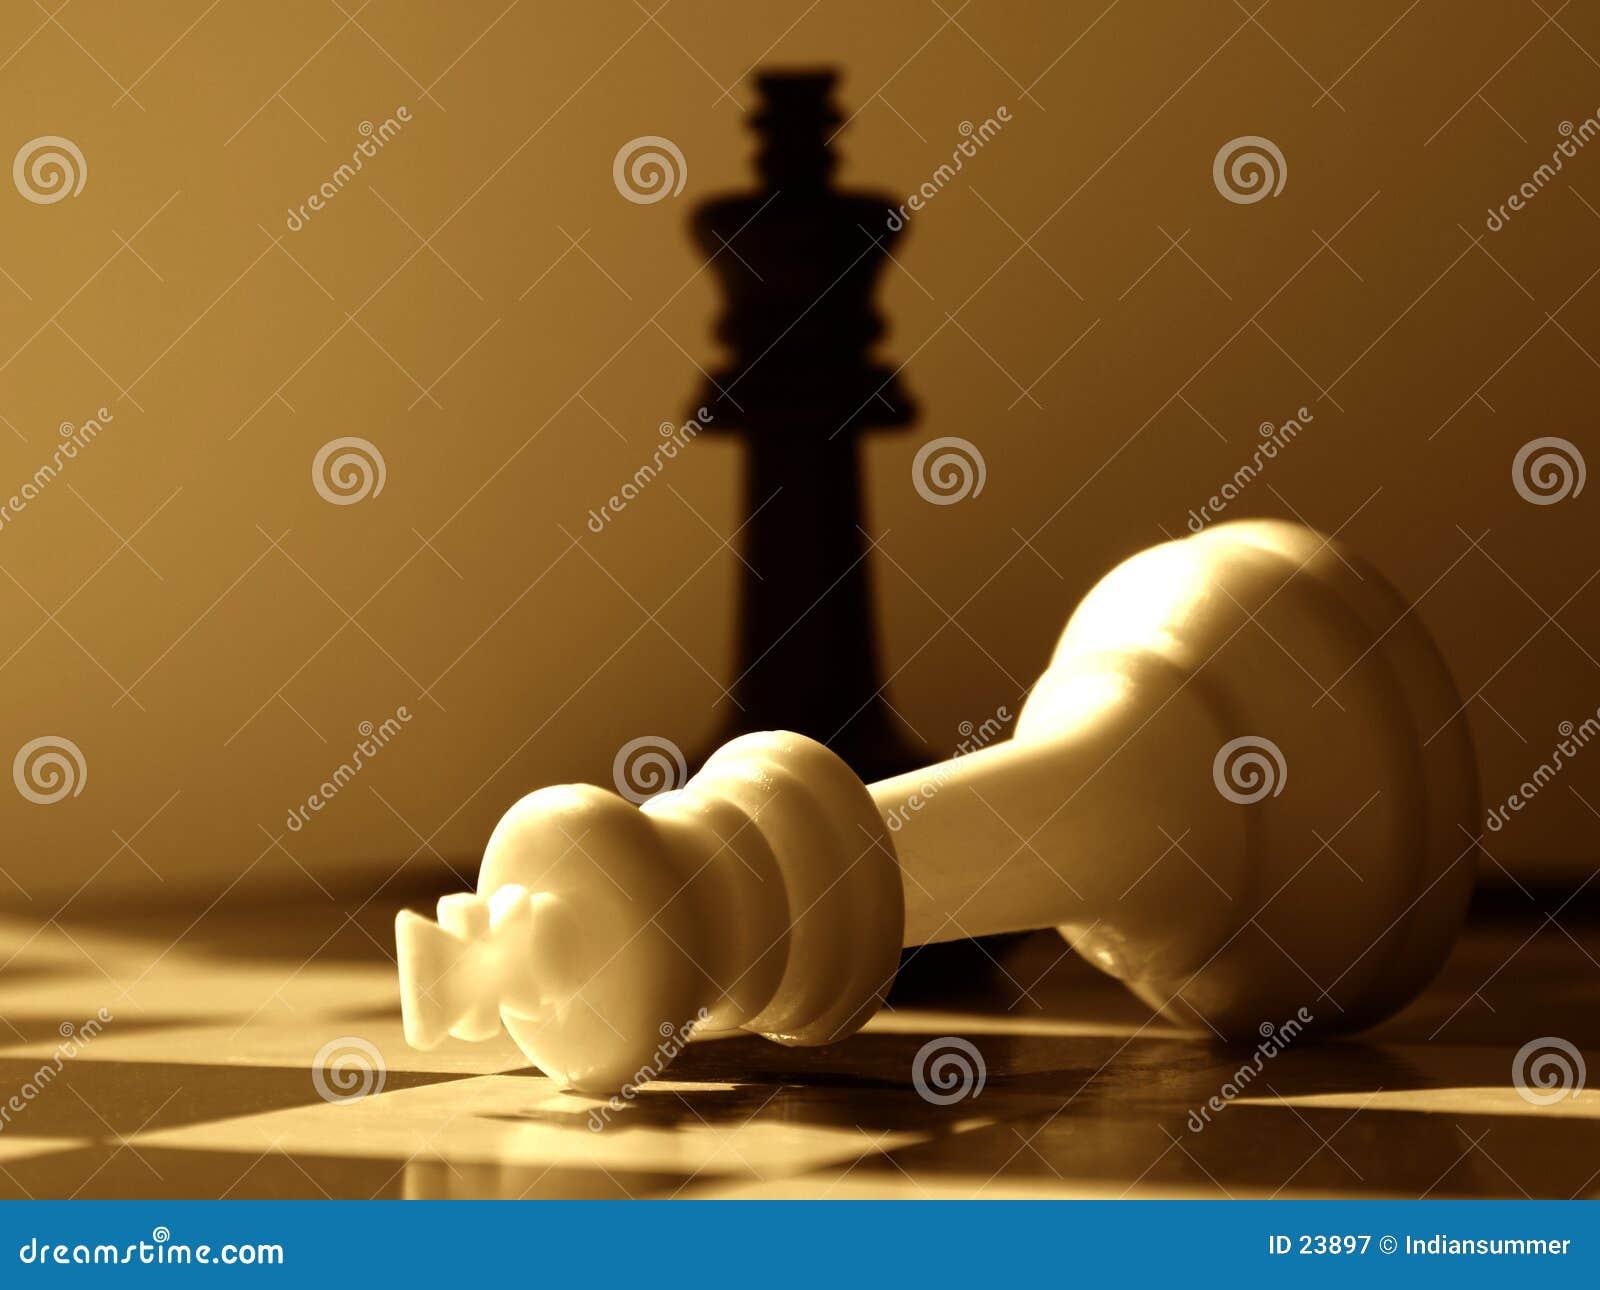 Chess scenario- black wins